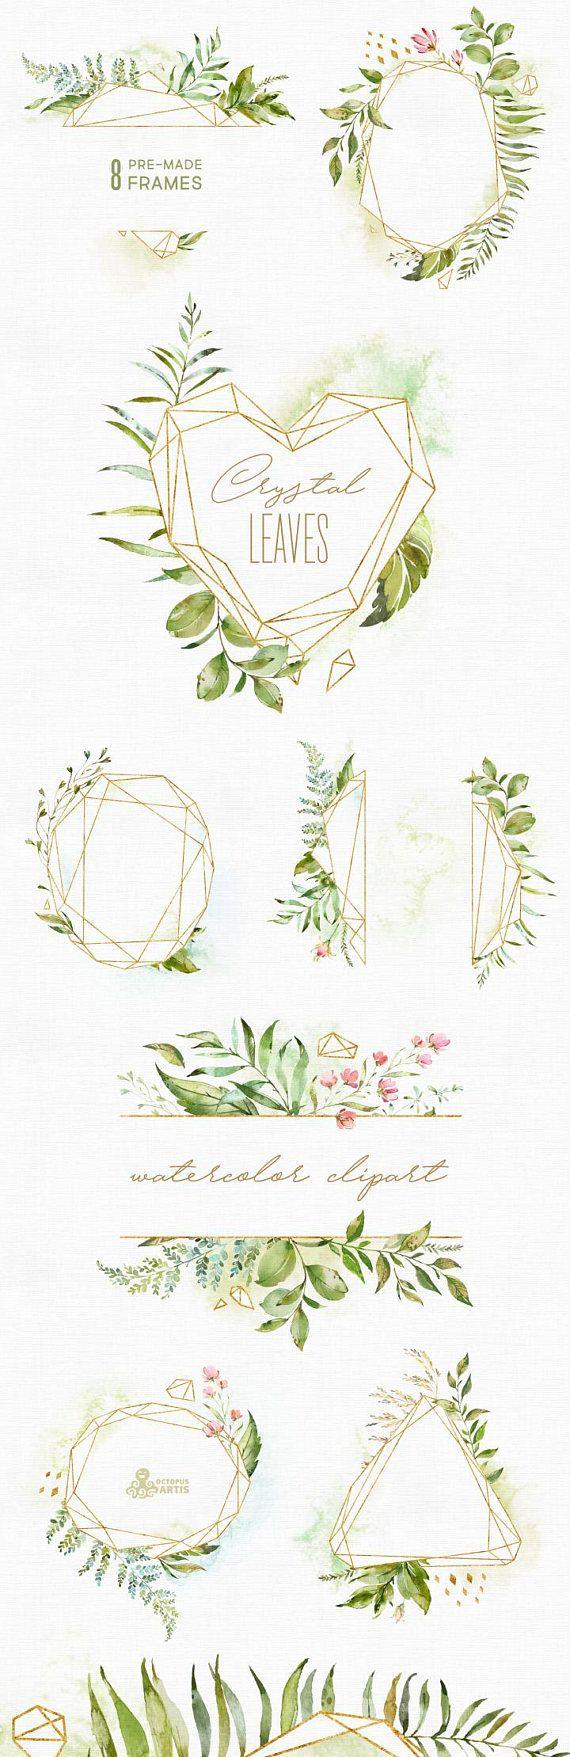 Kristallblätter. Frames. Aquarell floral & polygonal vorgefertigte Cliparts, Blatt, Gold, Grün, Geometrie, wild, Hochzeit, Brautschablone, minimal